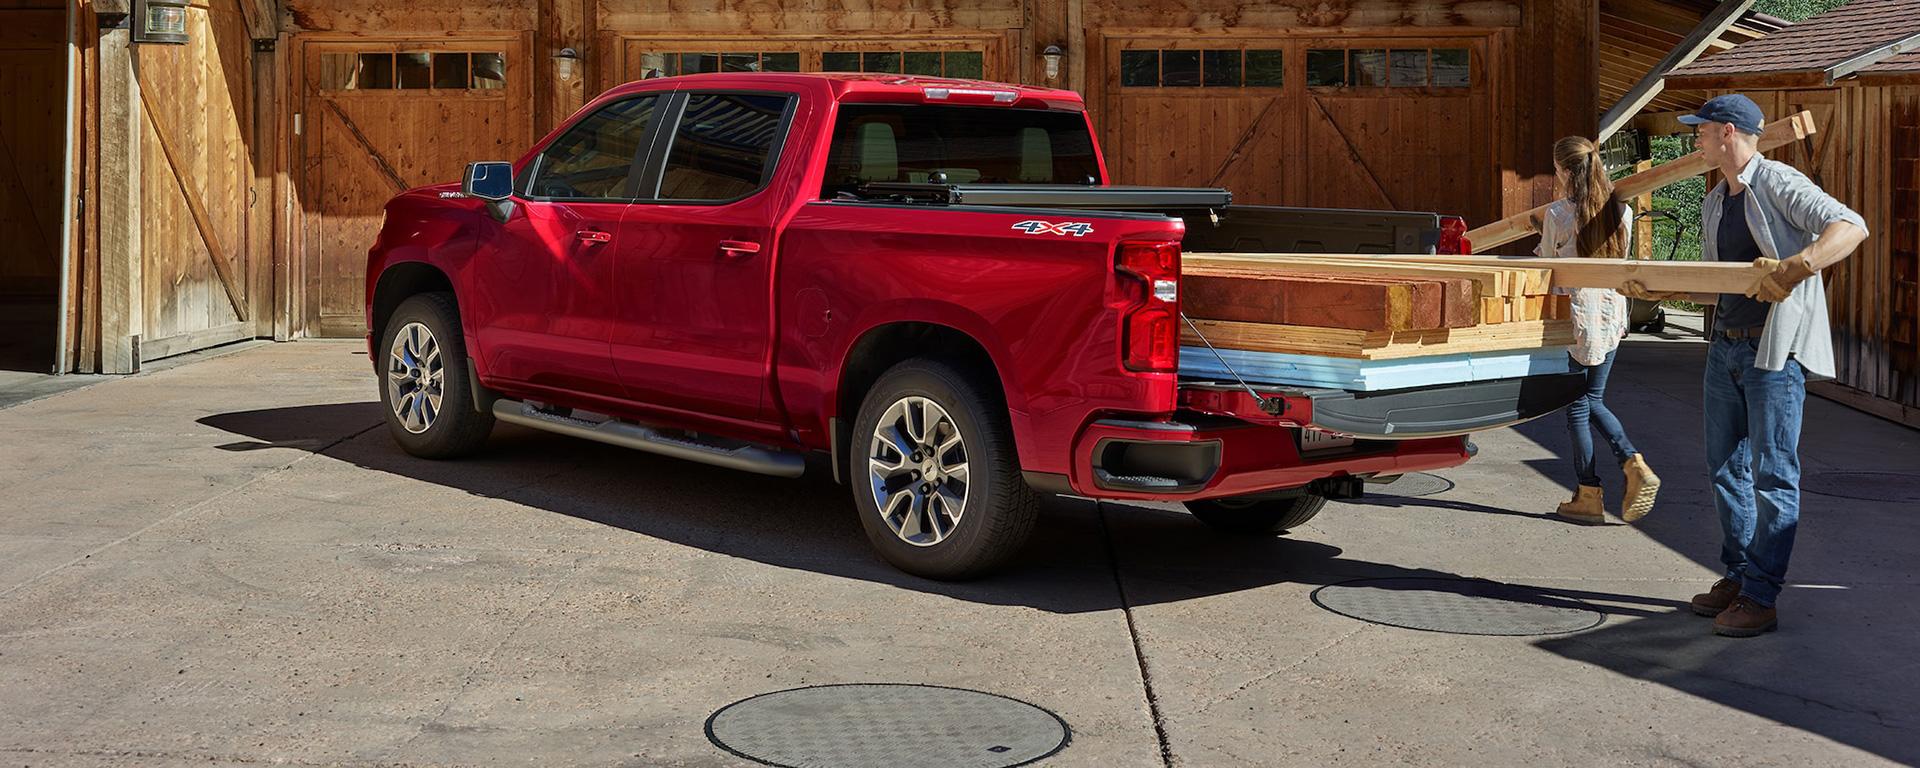 2020 Chevrolet Silverado Design